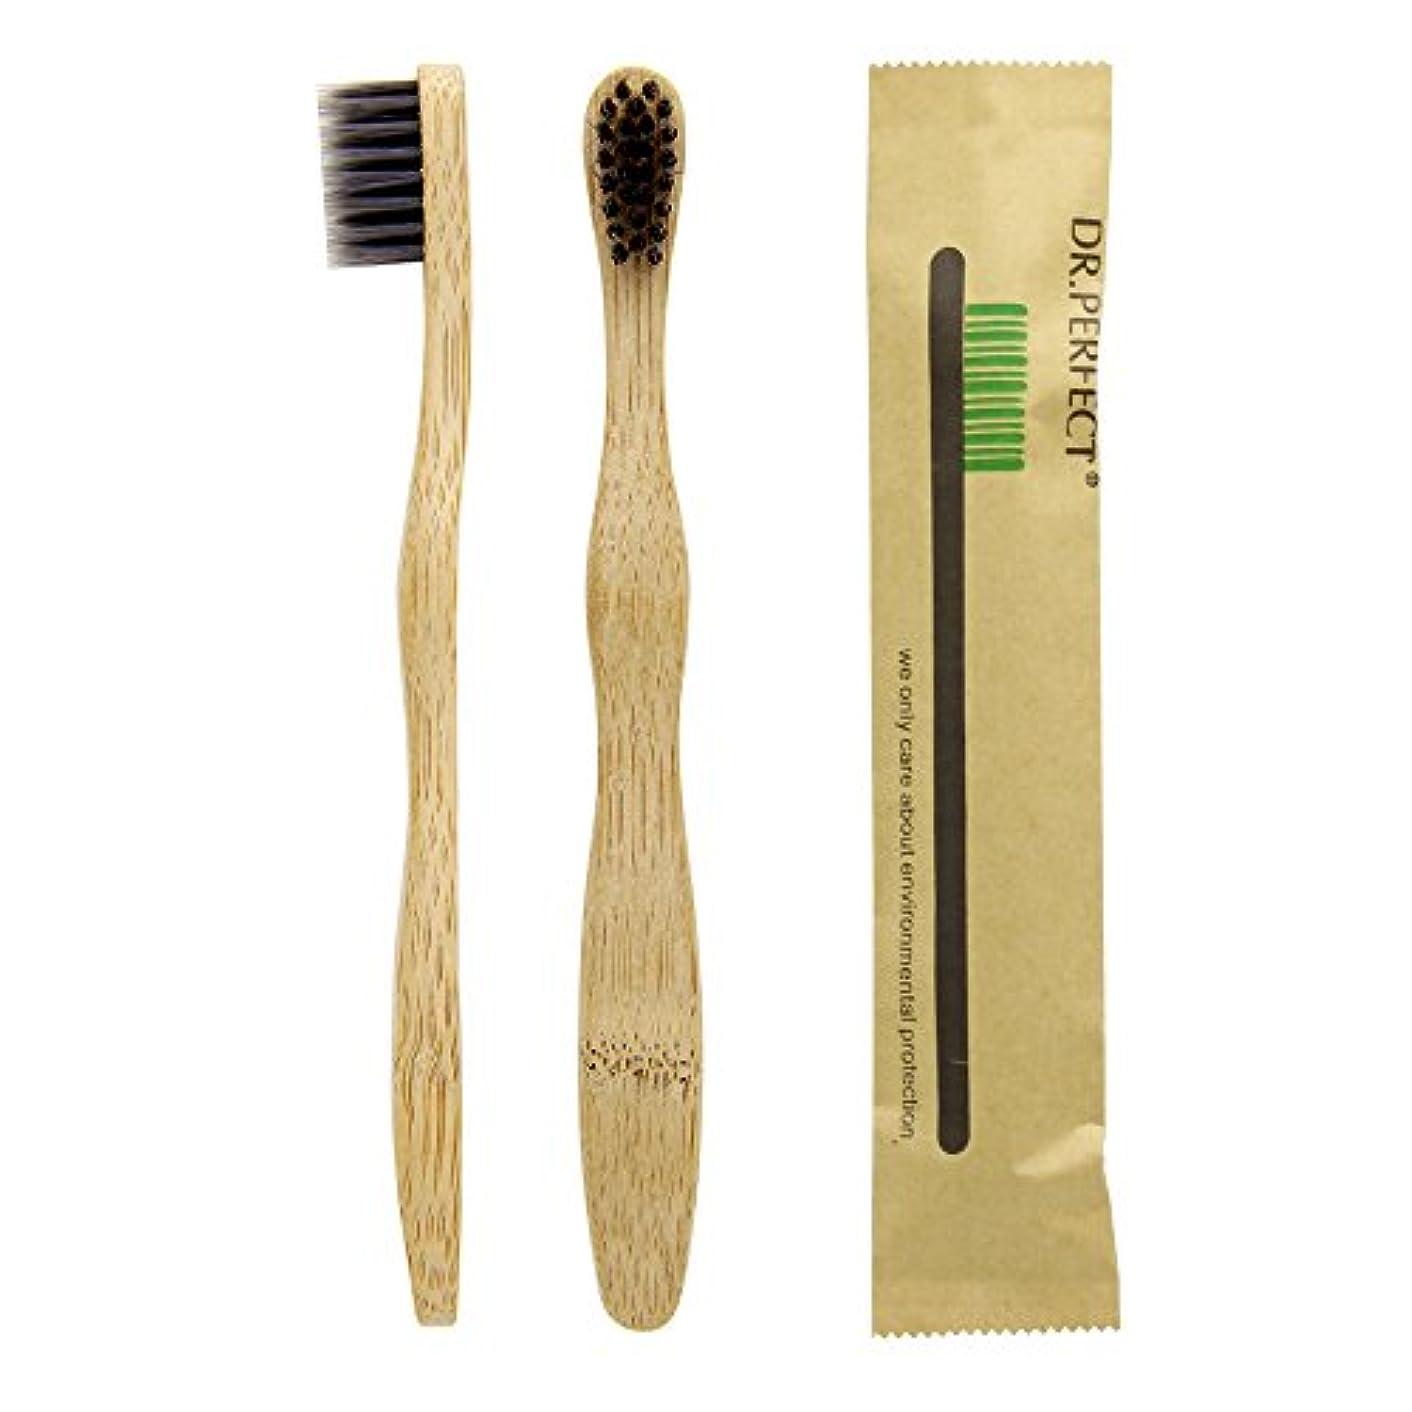 Dr.Perfect Bamboo チャイルド 竹の歯ブラシ ナイロン毛 生分解性の (ブラック)